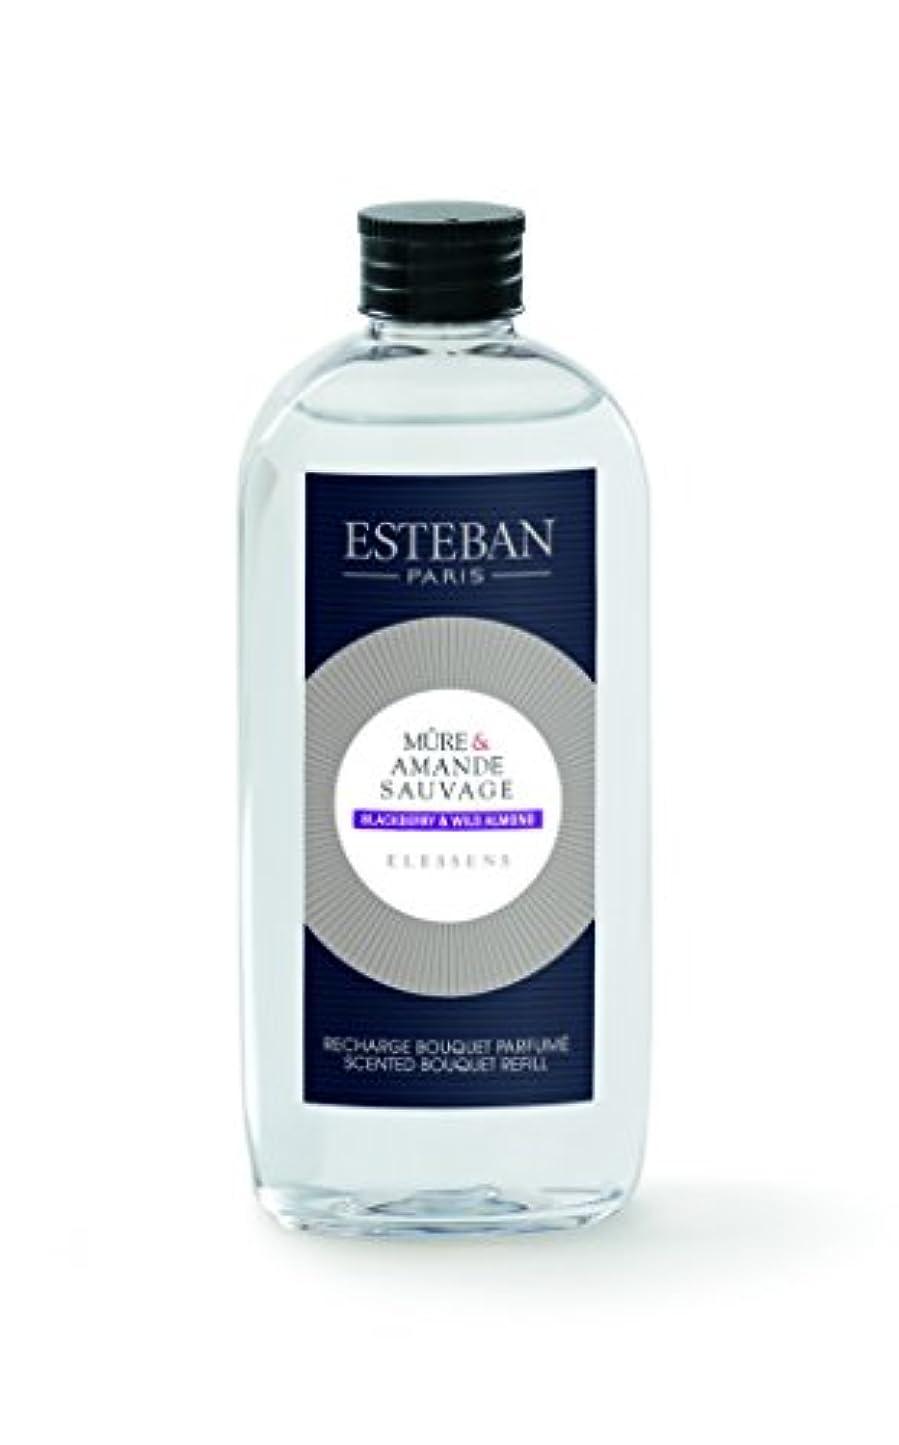 効果的にシャワー粘土エステバン エレッセンス マルベリー&アーモンド フレグランスリフィル 150ml